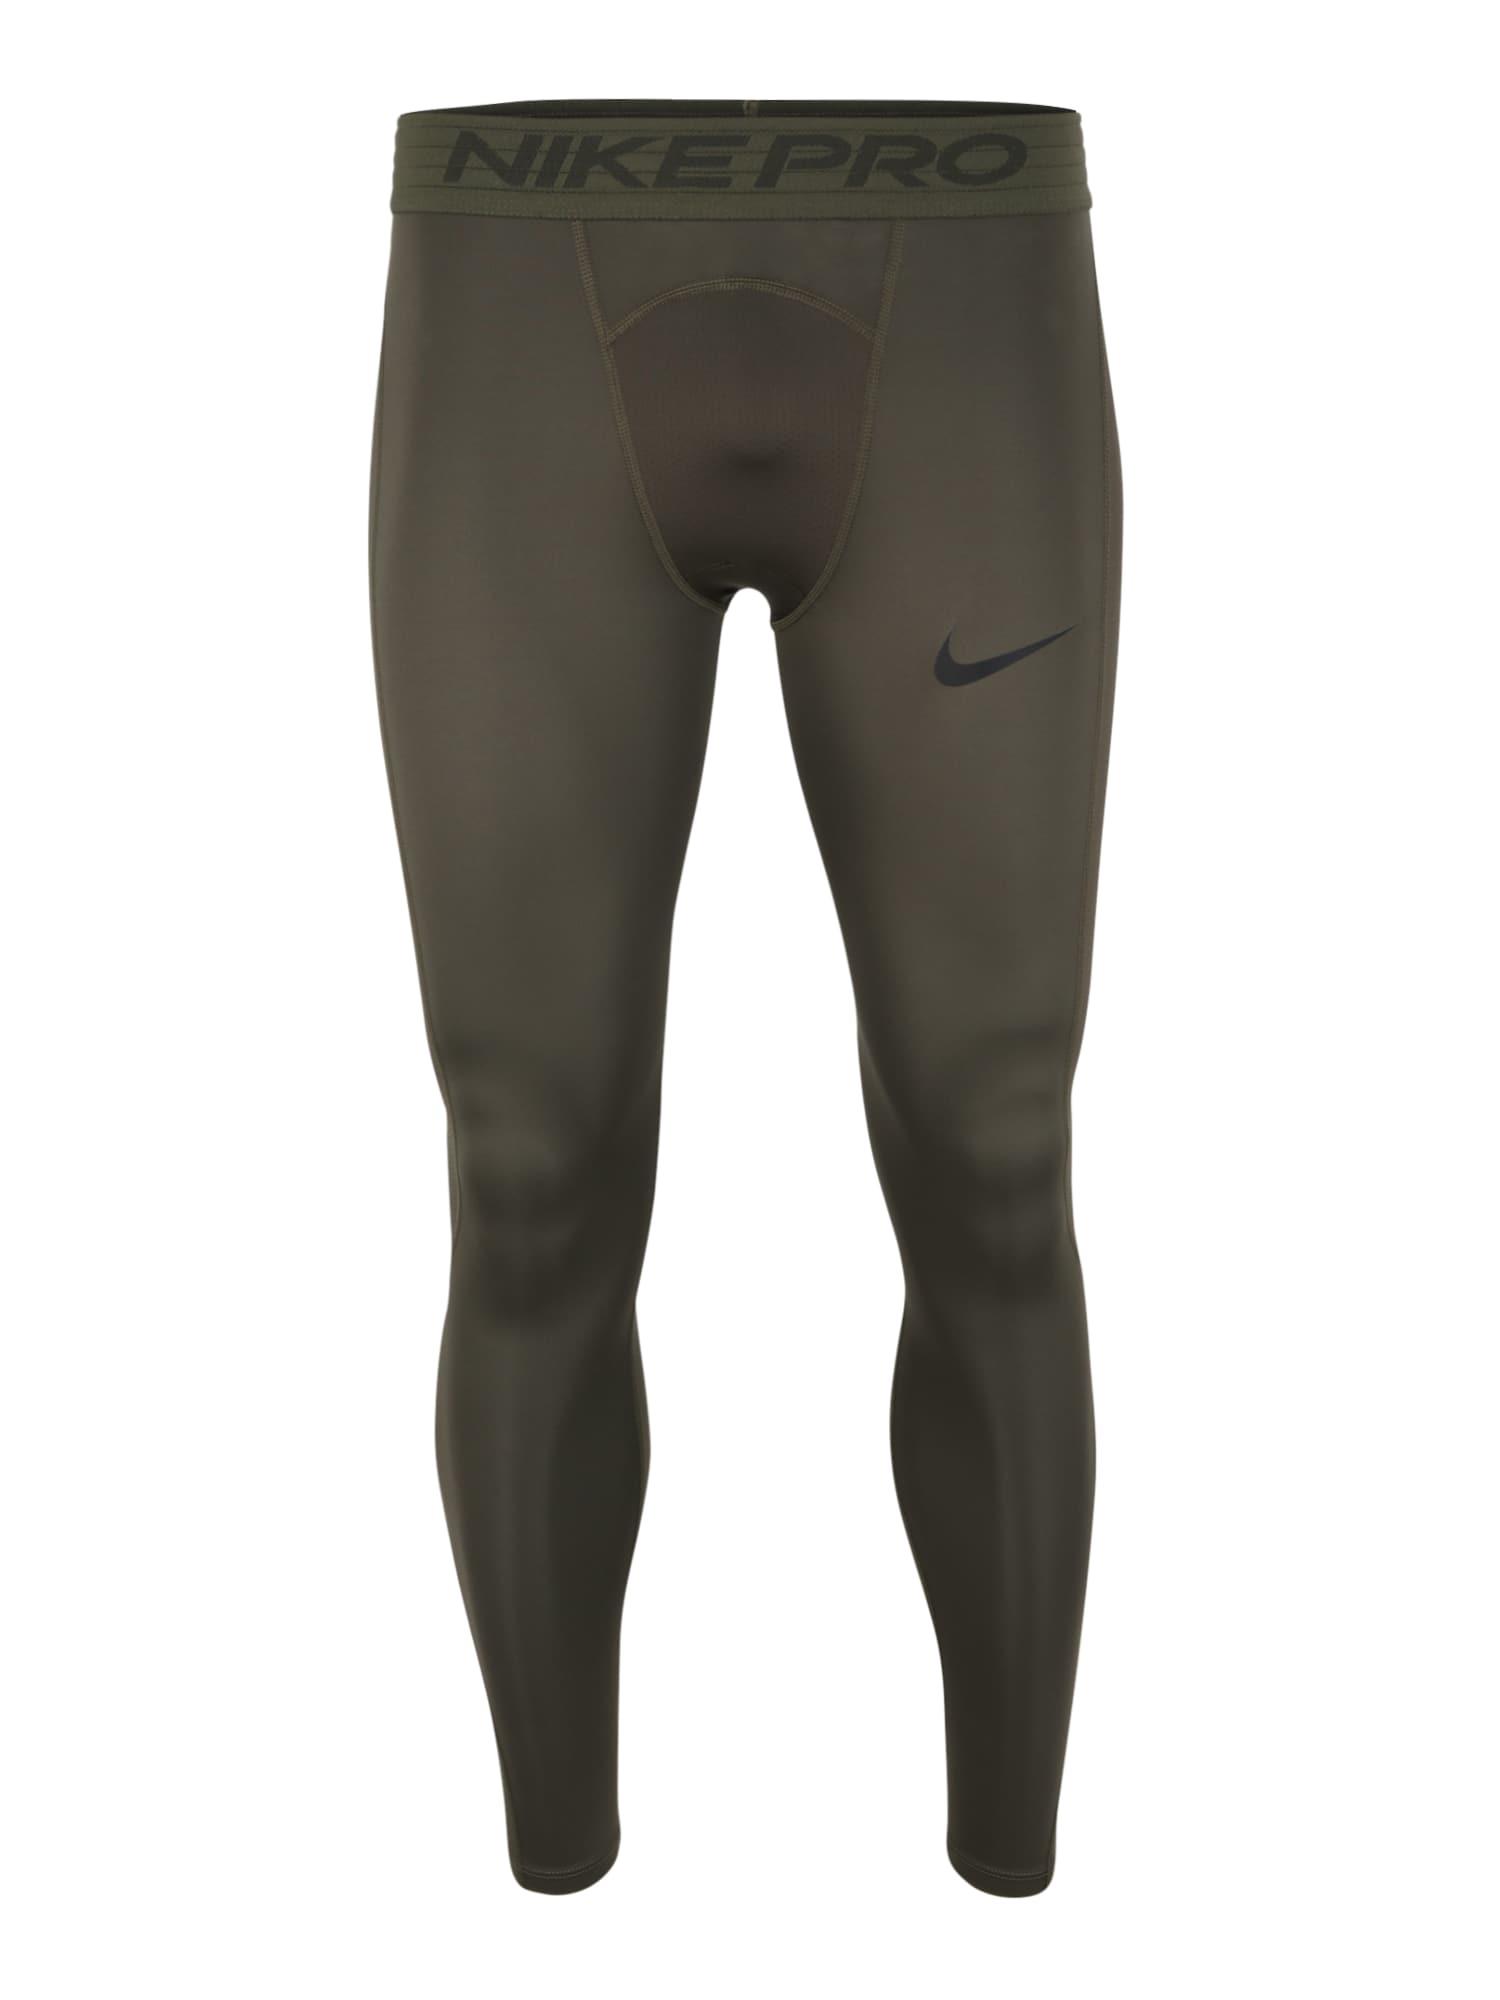 NIKE Sportinės kelnės rusvai žalia